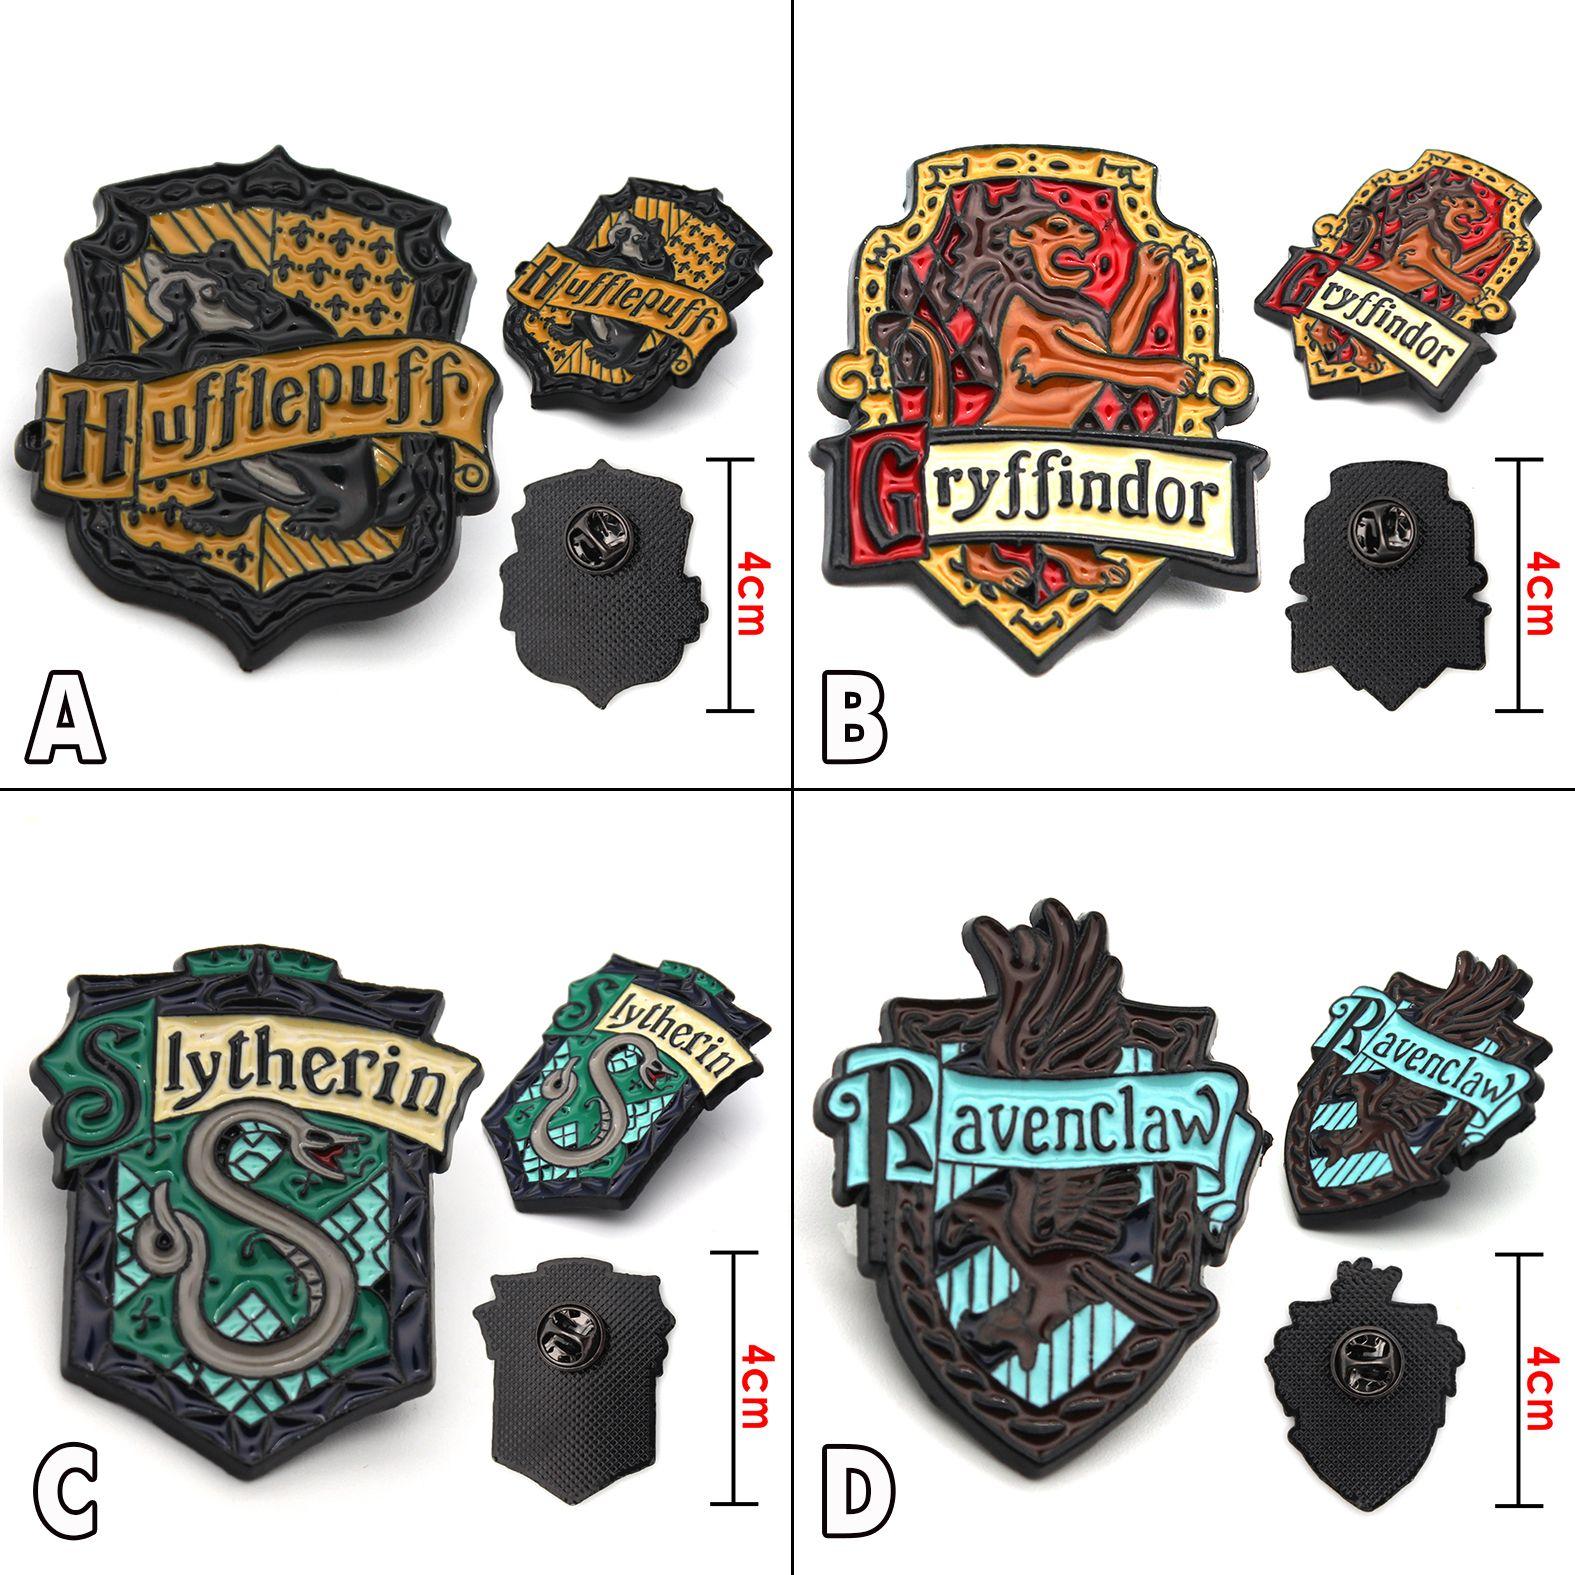 Harri Potter Gryffindor Slytherin Hufflepuff Ravenclaw Symbol Metall Abzeichen Pin Brosche Brust Ornament Cosplay Sammlung Geschenk Kühlen